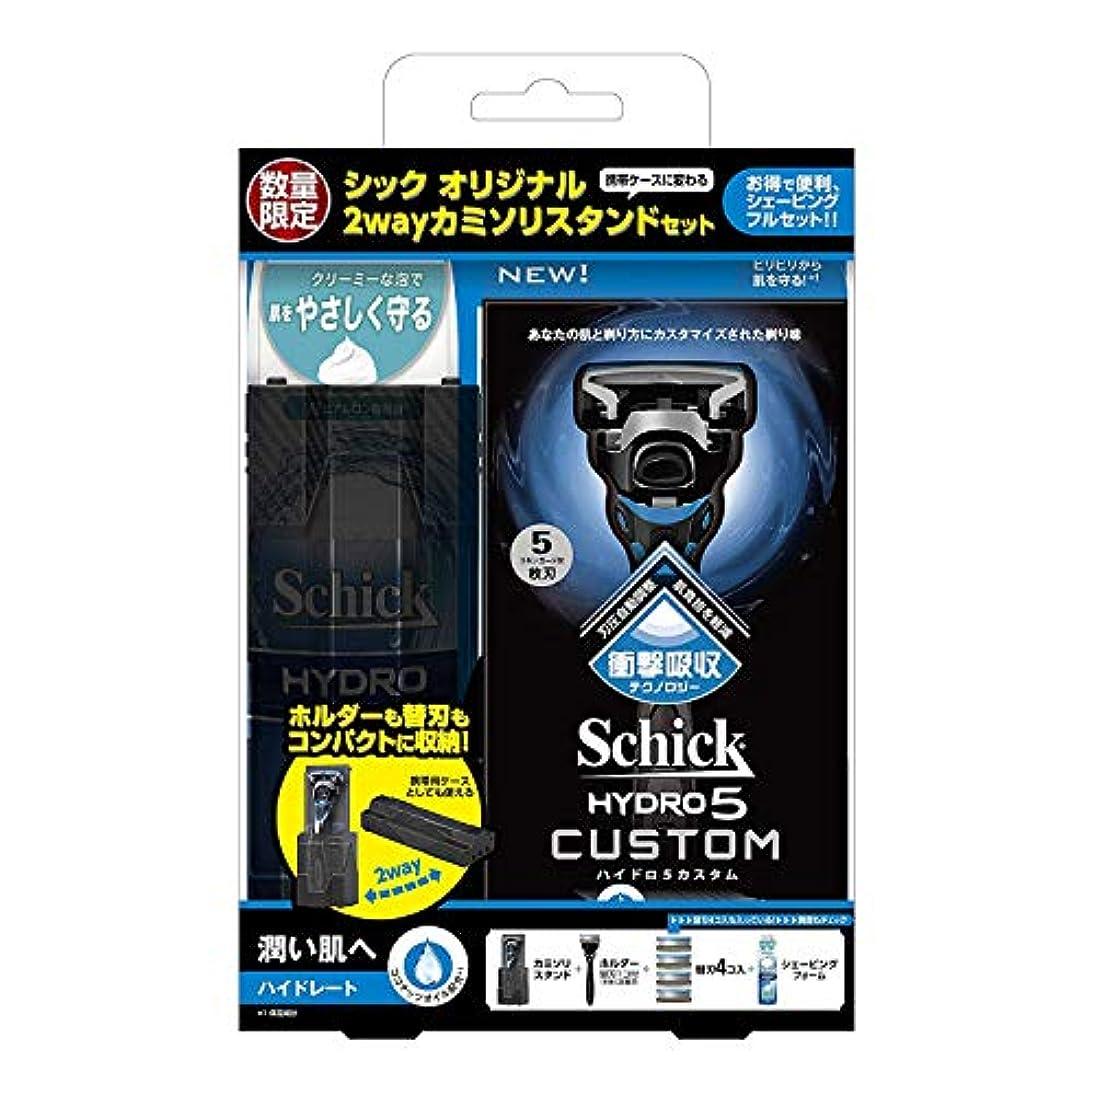 置くためにパックせせらぎ選出するシック Schick 5枚刃 ハイドロ5 カスタム ハイドレート スペシャルパック 替刃5コ付 (替刃は本体に装着済み) 男性 カミソリ